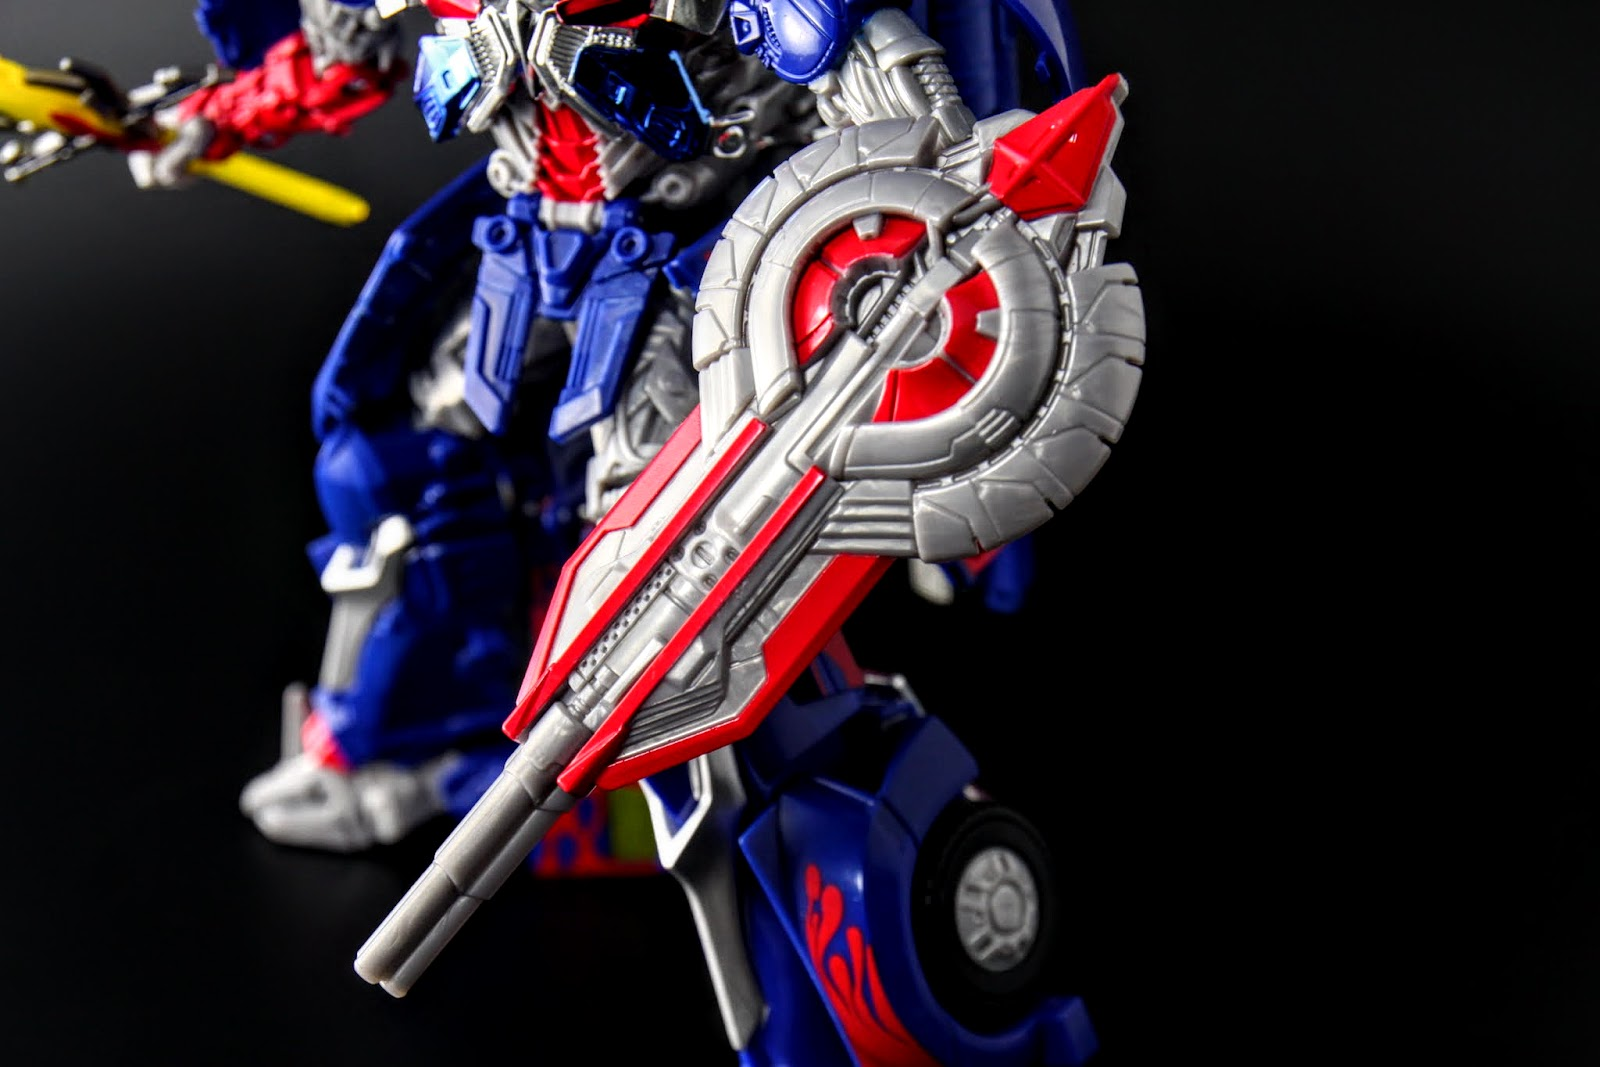 槍盾與FE版不同,FE是能量盾張開的造型,修改版則是關閉